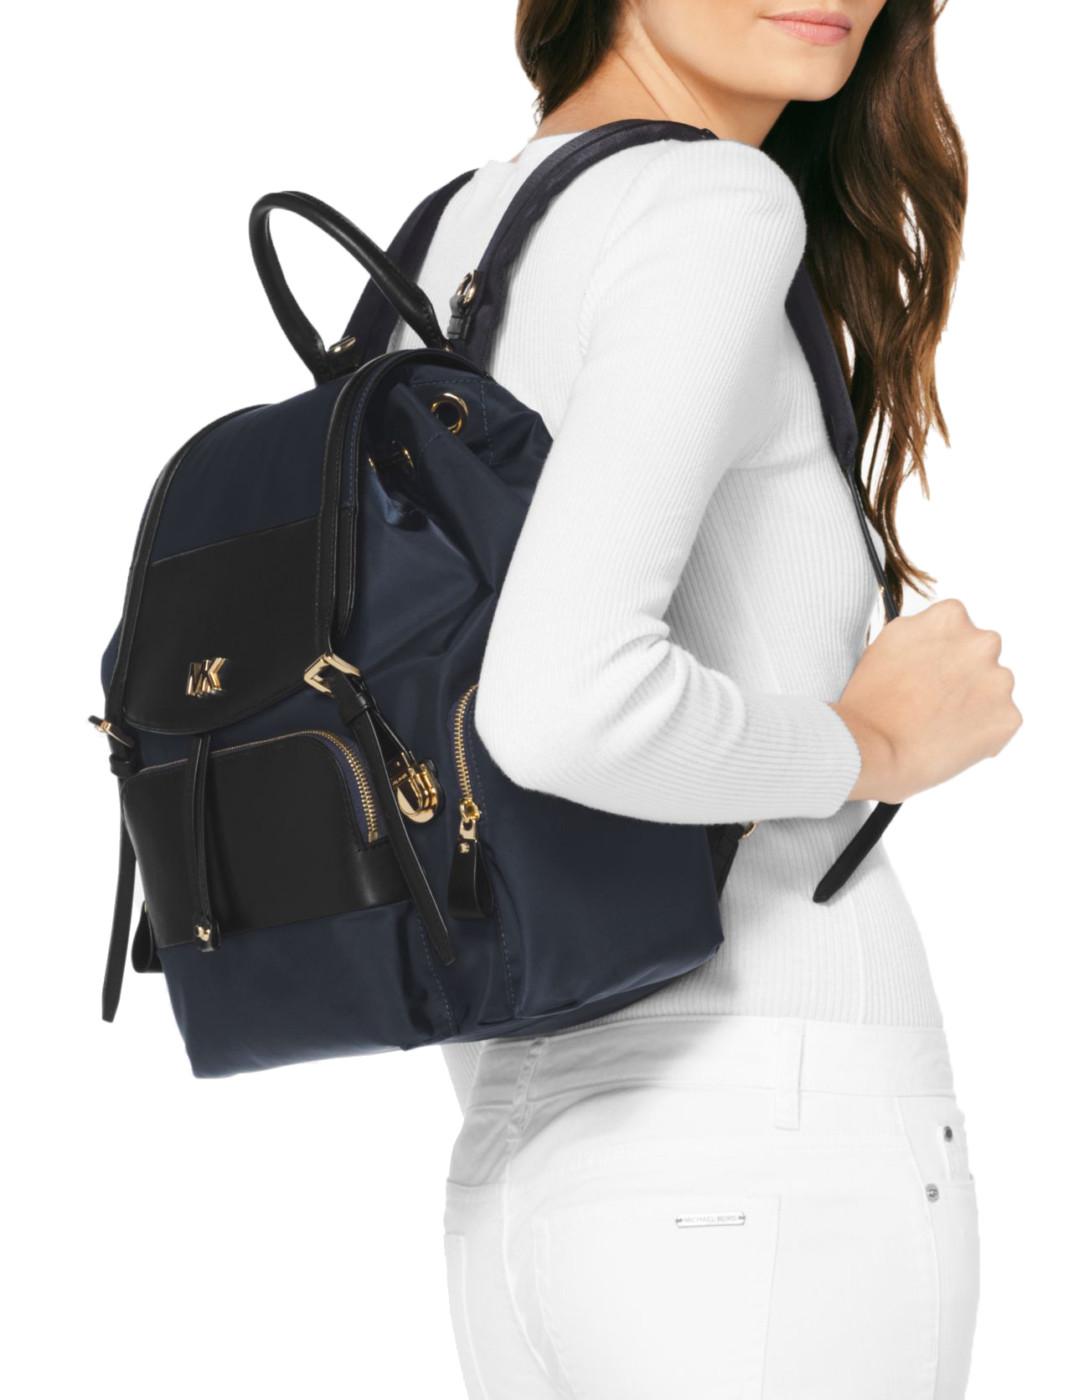 5ecf5bfac601de MICHAEL Michael Kors Mott Large Flap Diaperbag Backpack